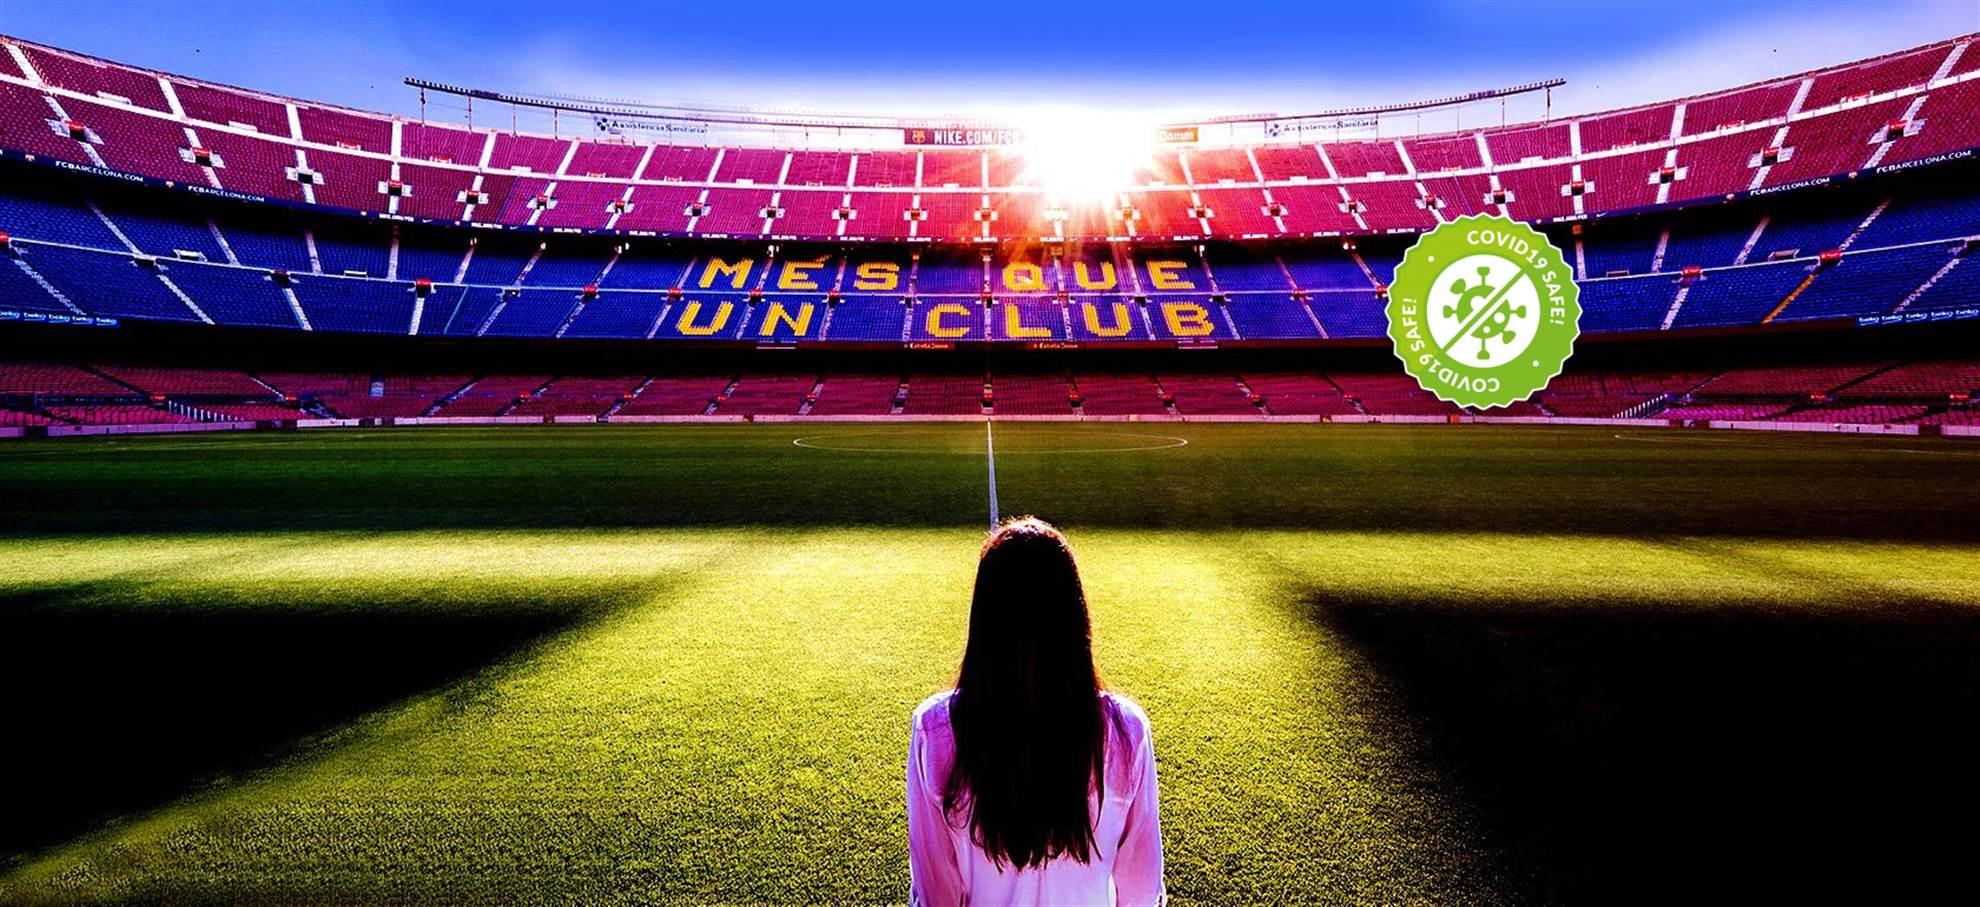 Billet coupe-file visite du Camp Nou, FC Barcelone